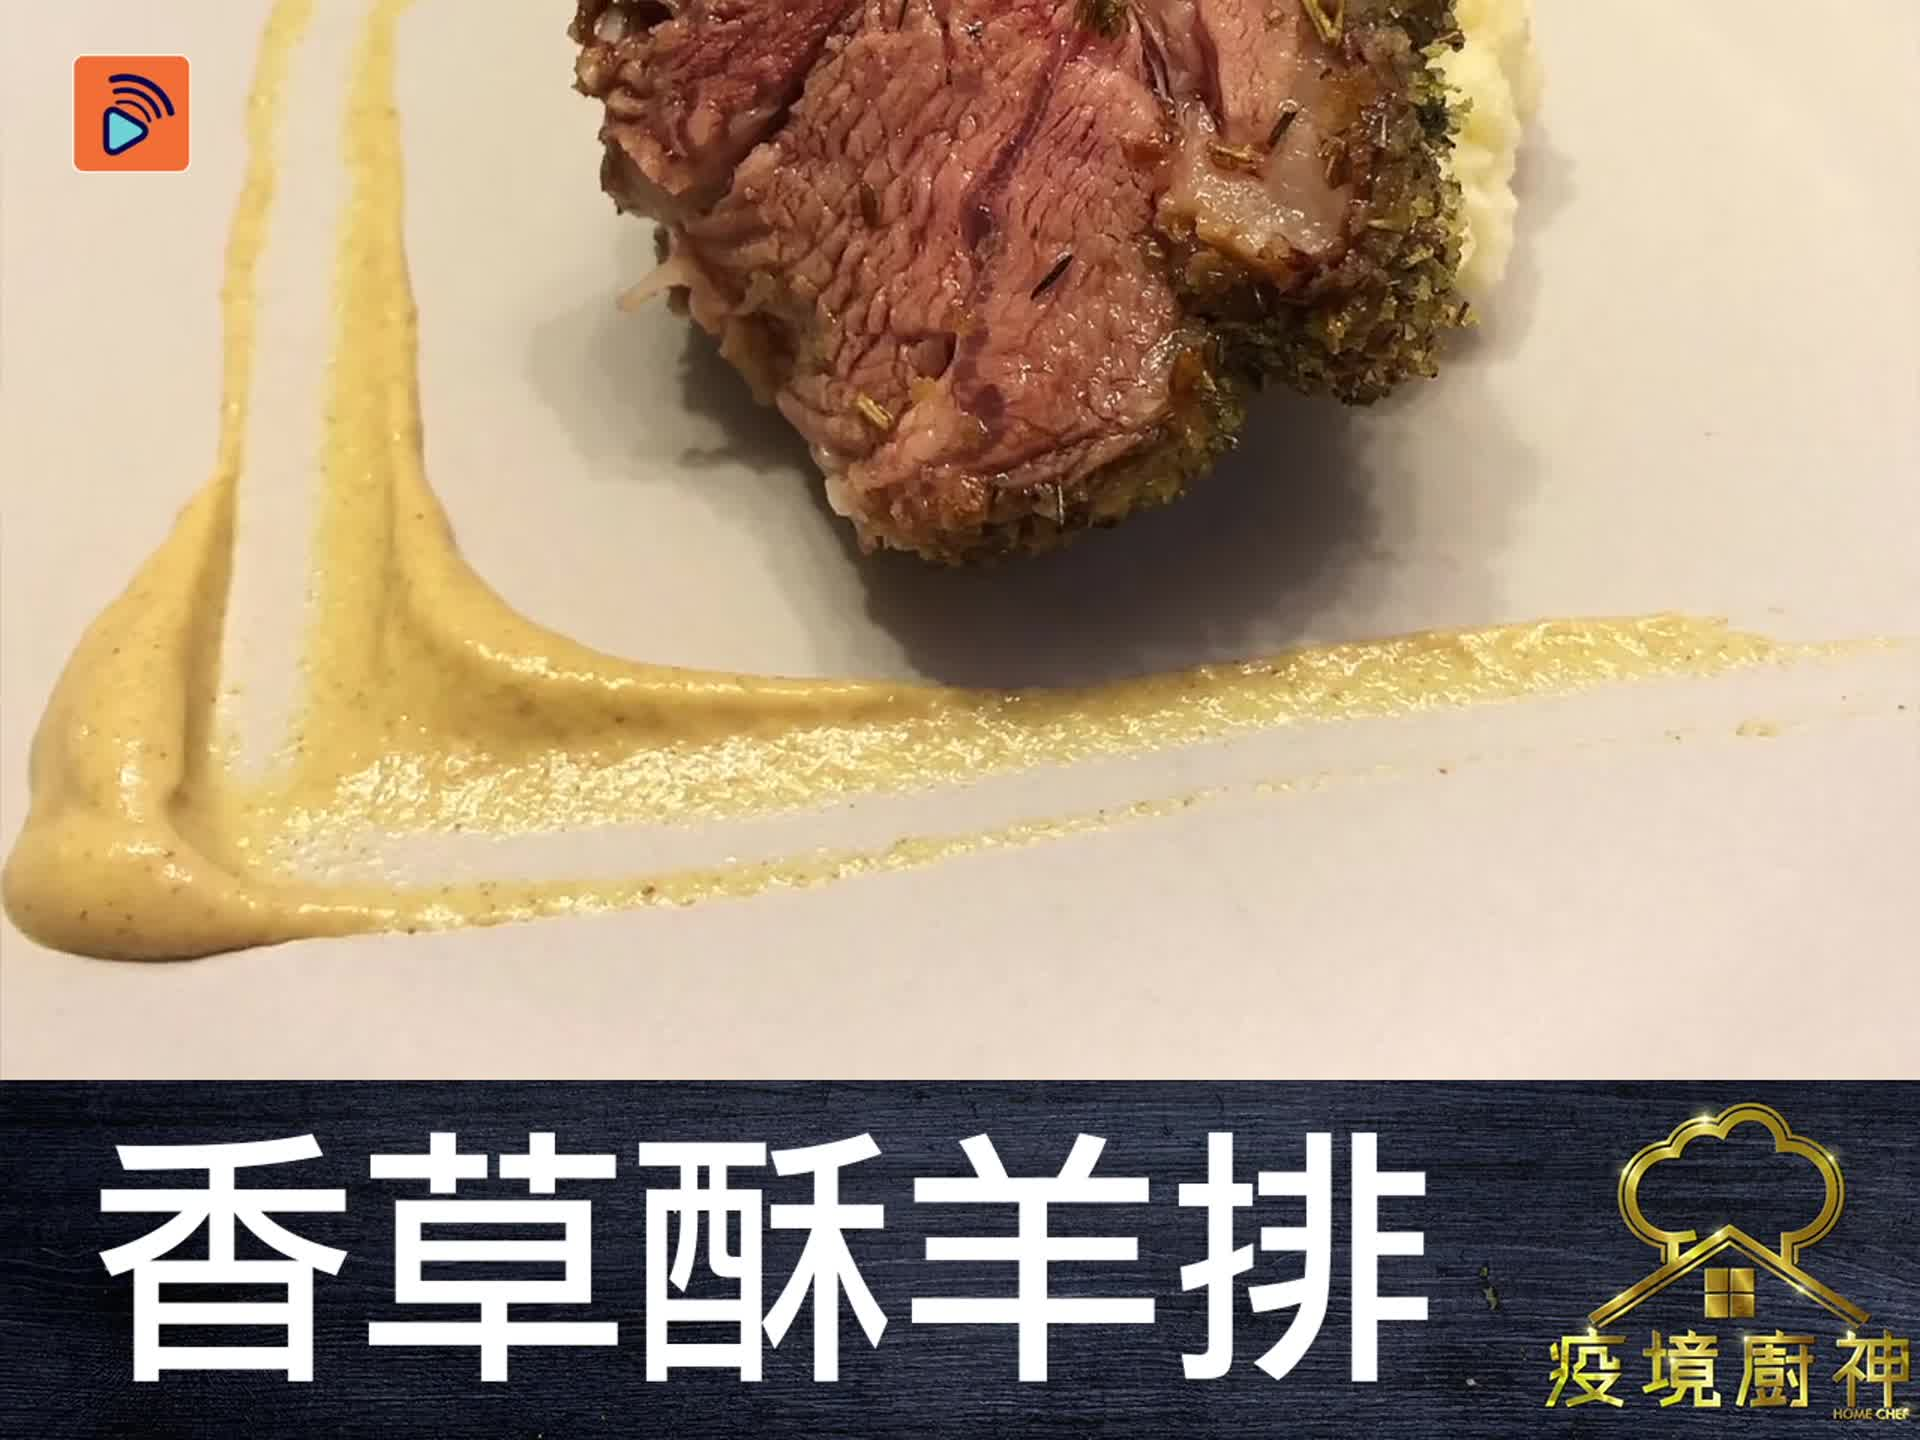 【香草酥羊排】米芝蓮級廚藝!每個步驟細膩無瑕!神級羊排好味到無法用言語形容!